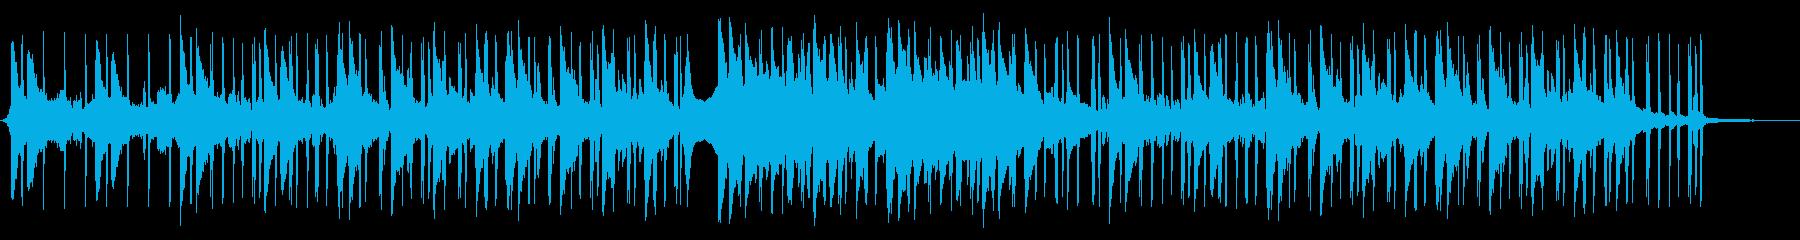 気だるげなピアノLOFI HIPHOPの再生済みの波形